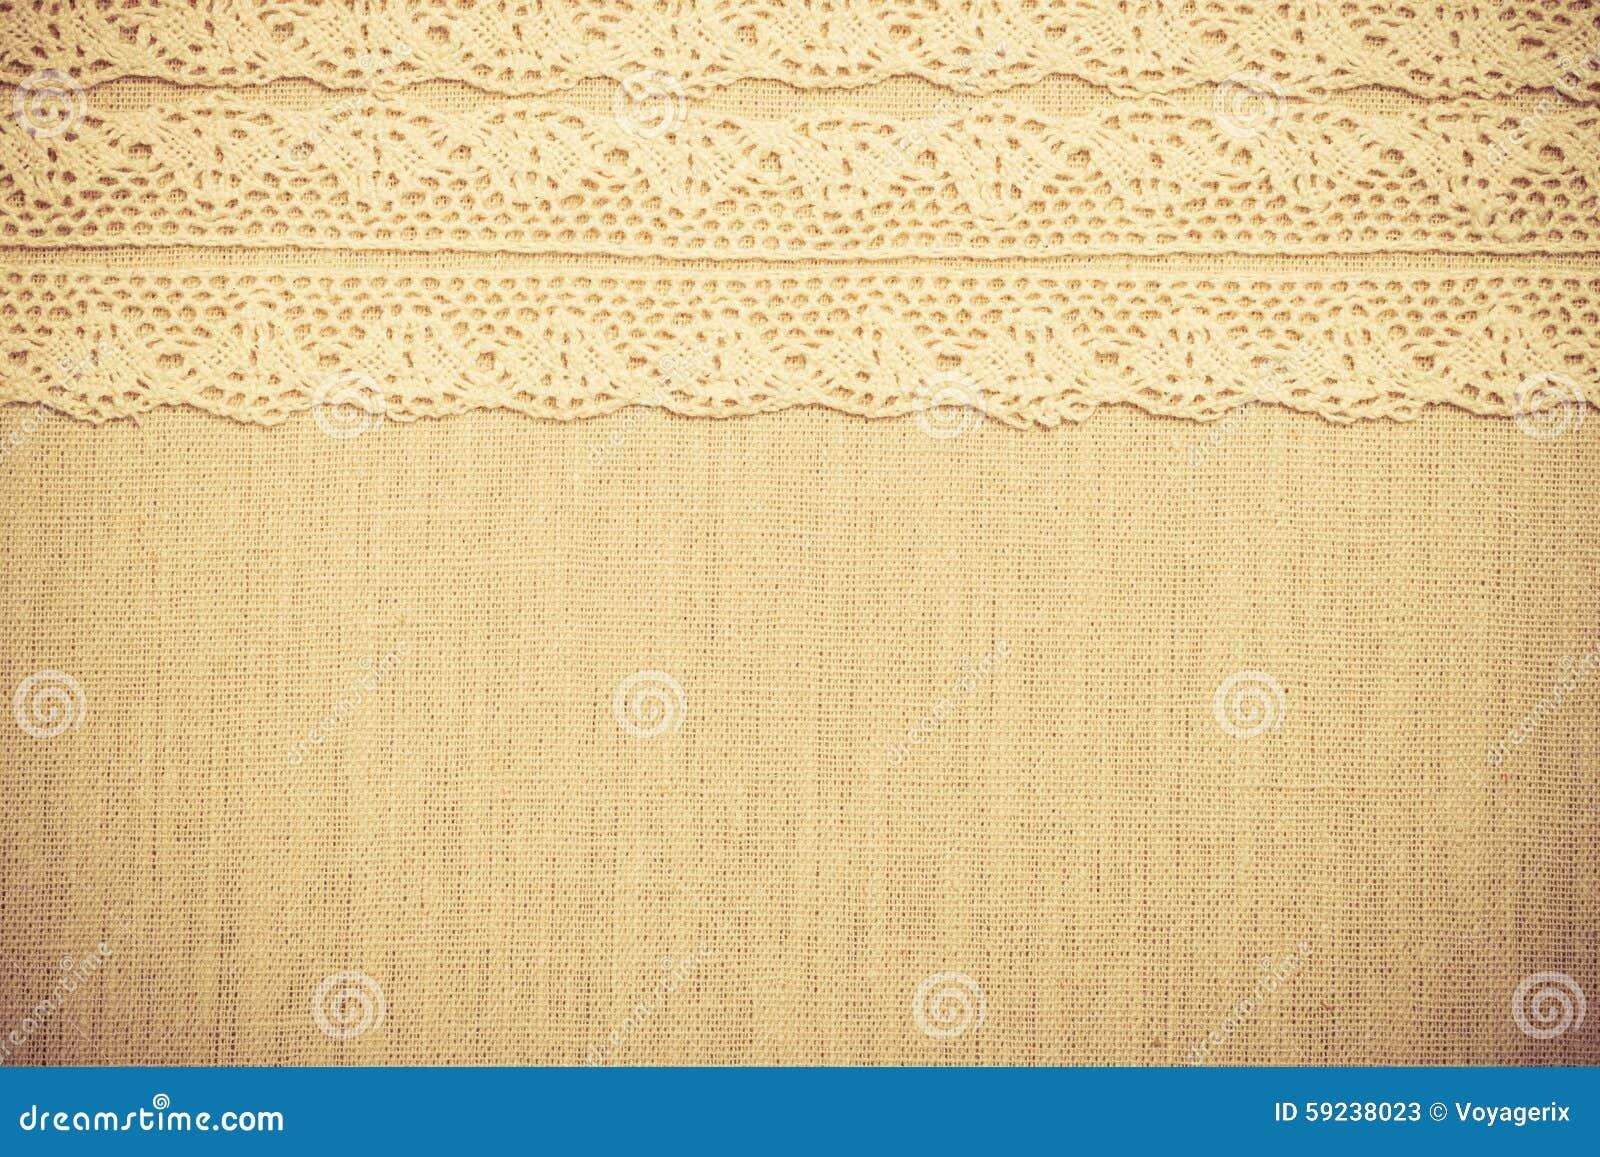 Cinta del cordón en fondo del paño de lino